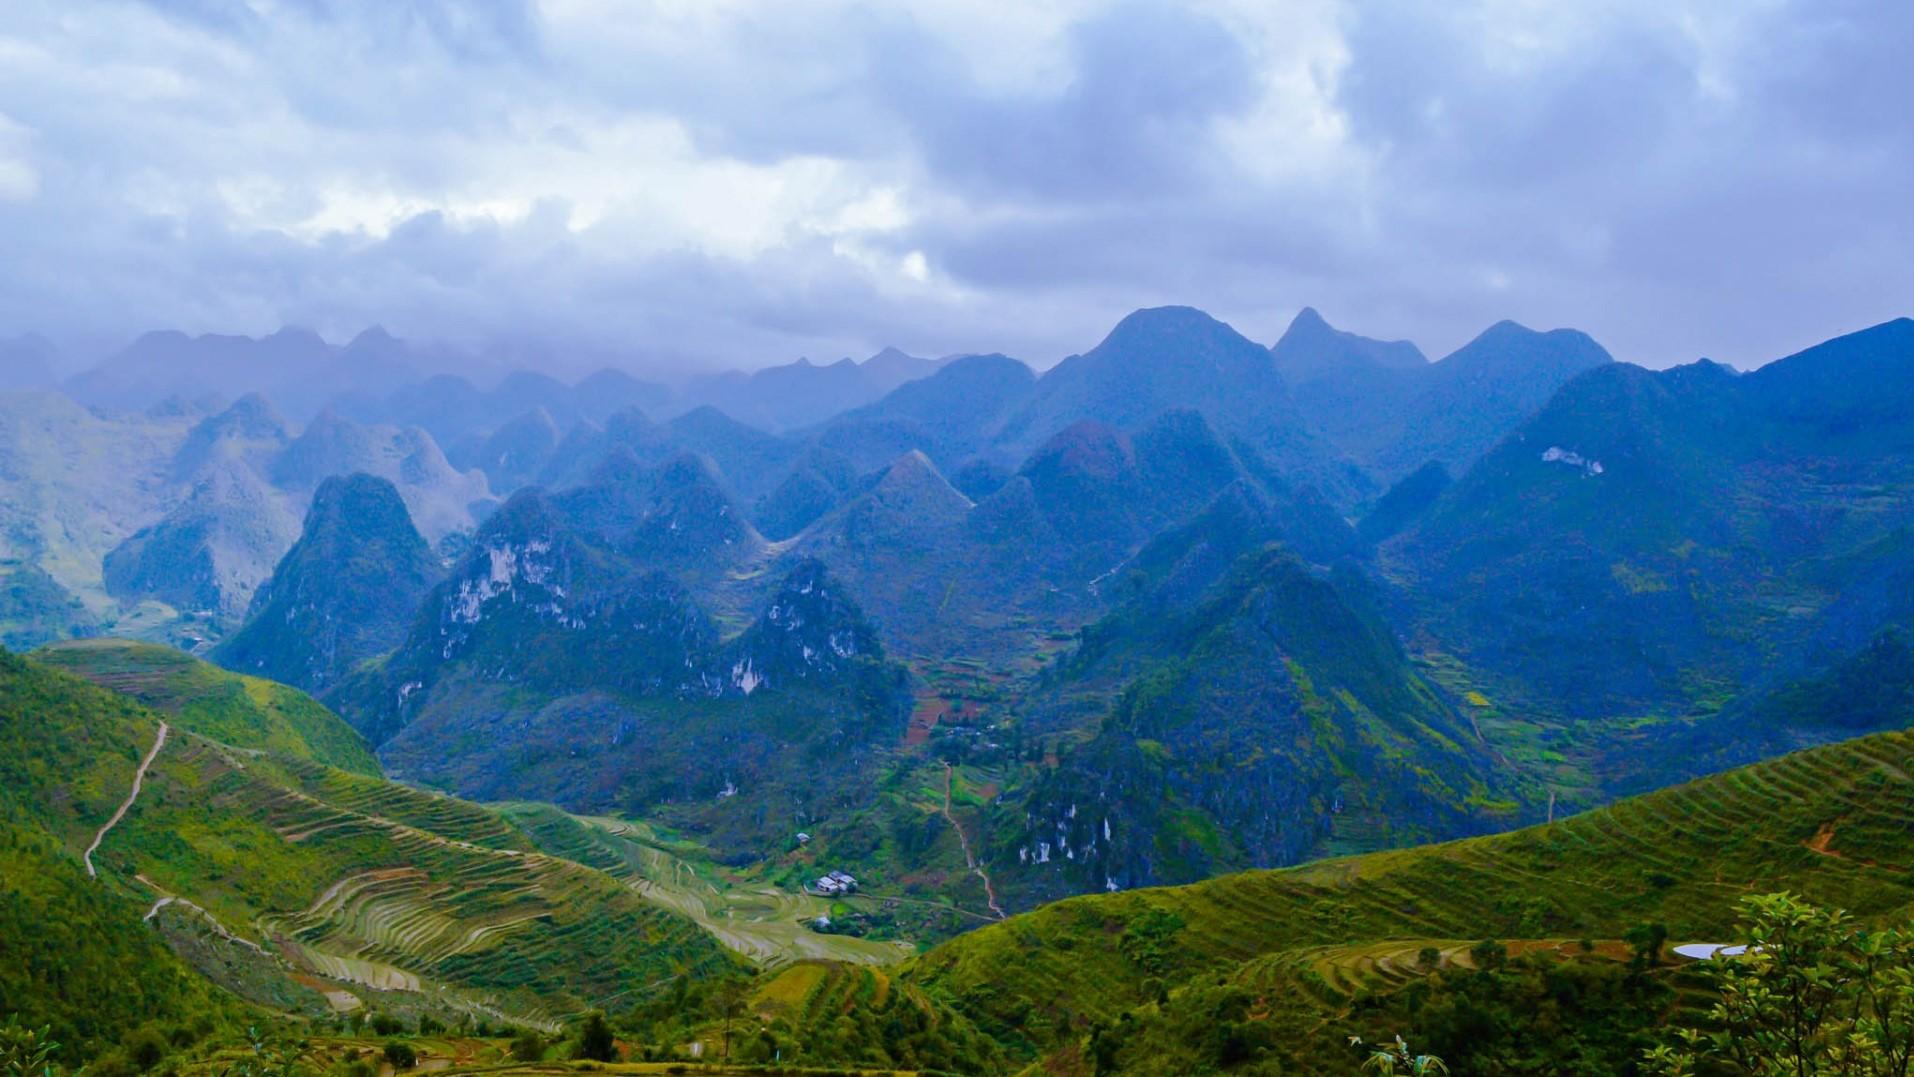 Thiên đường xám - Cao nguyên đá Đồng Văn